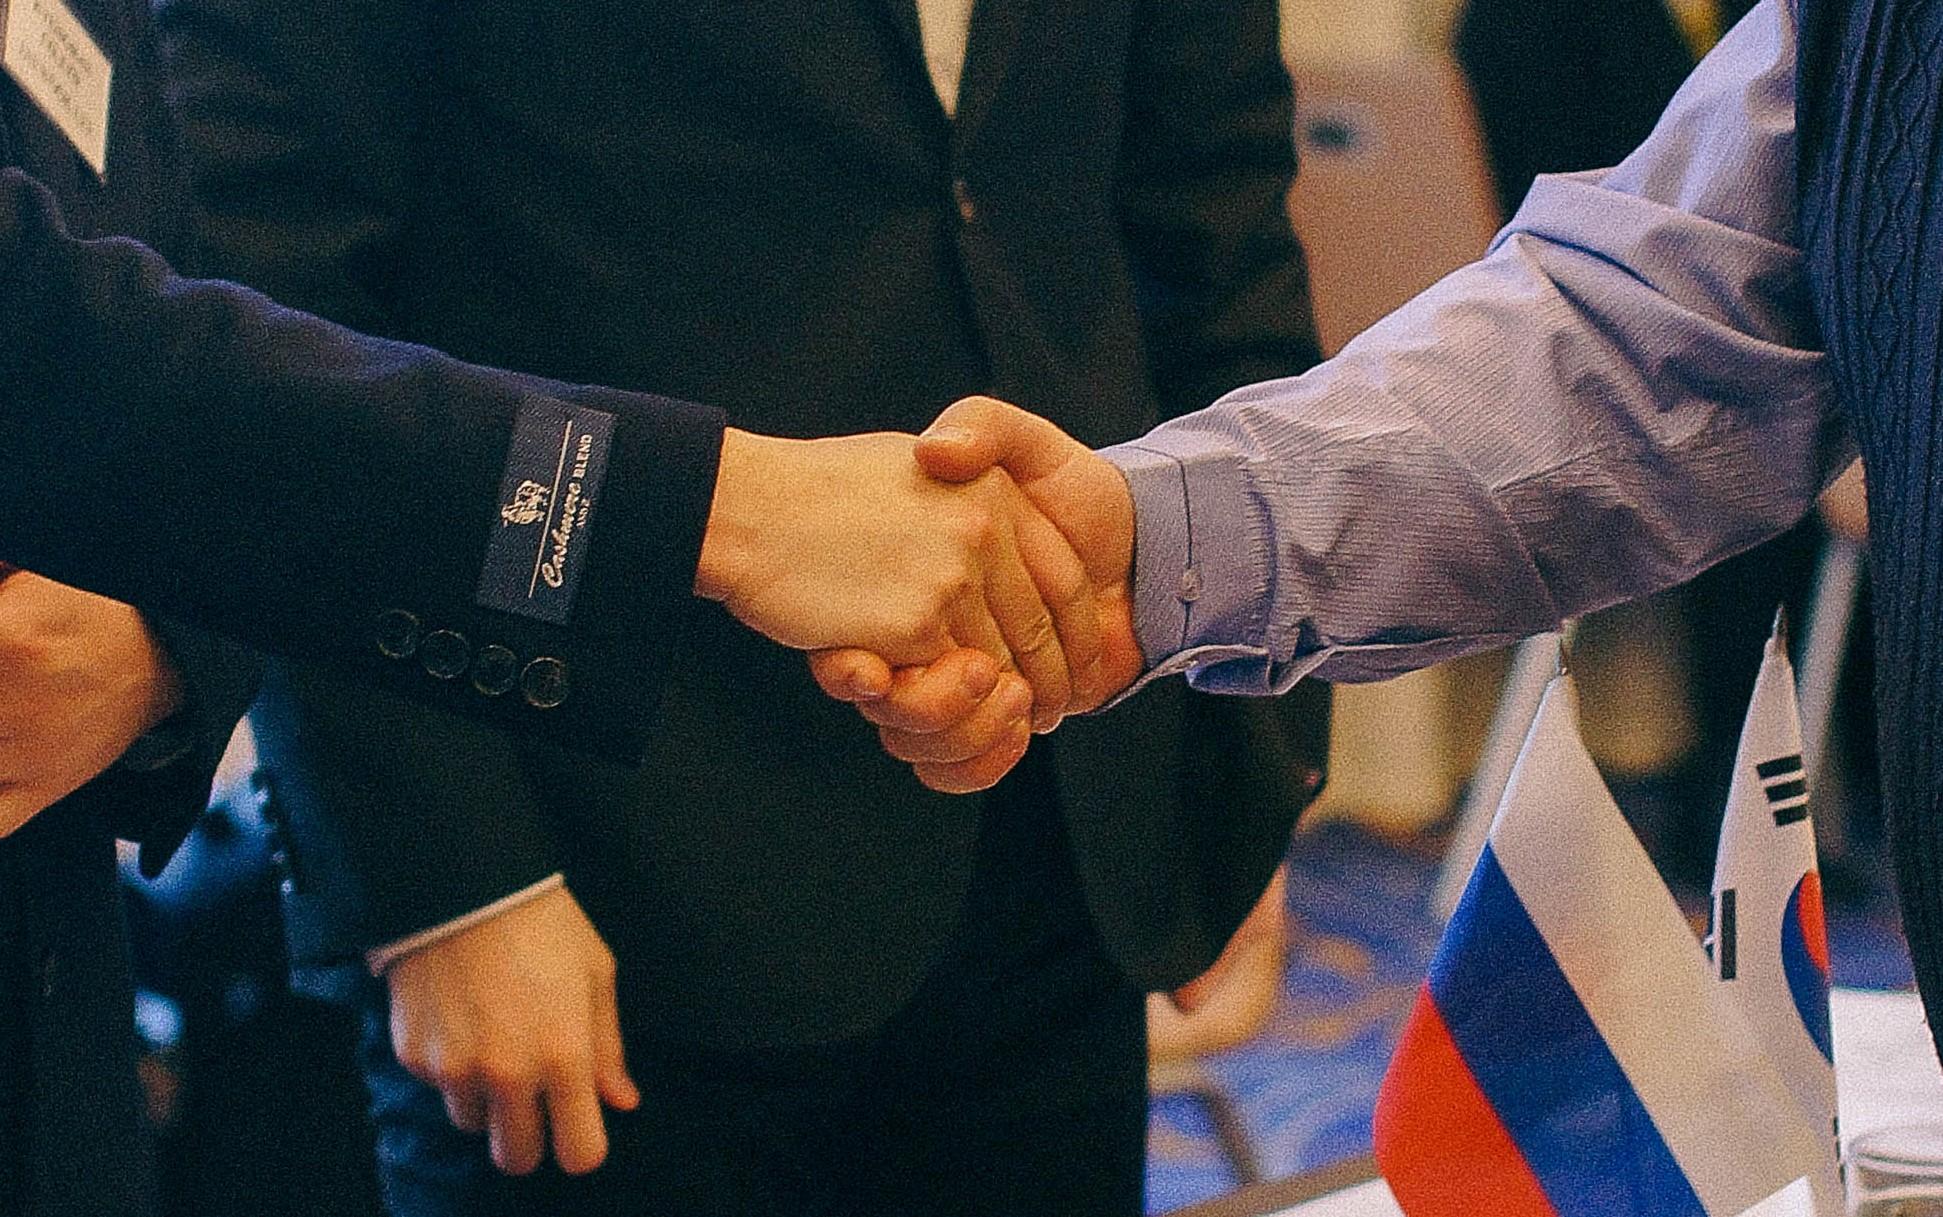 14 ноября, г. Омск, бизнес-встреча «Особенности ведения бизнеса в Корее. Эффективные инструменты импорта корейской продукции»